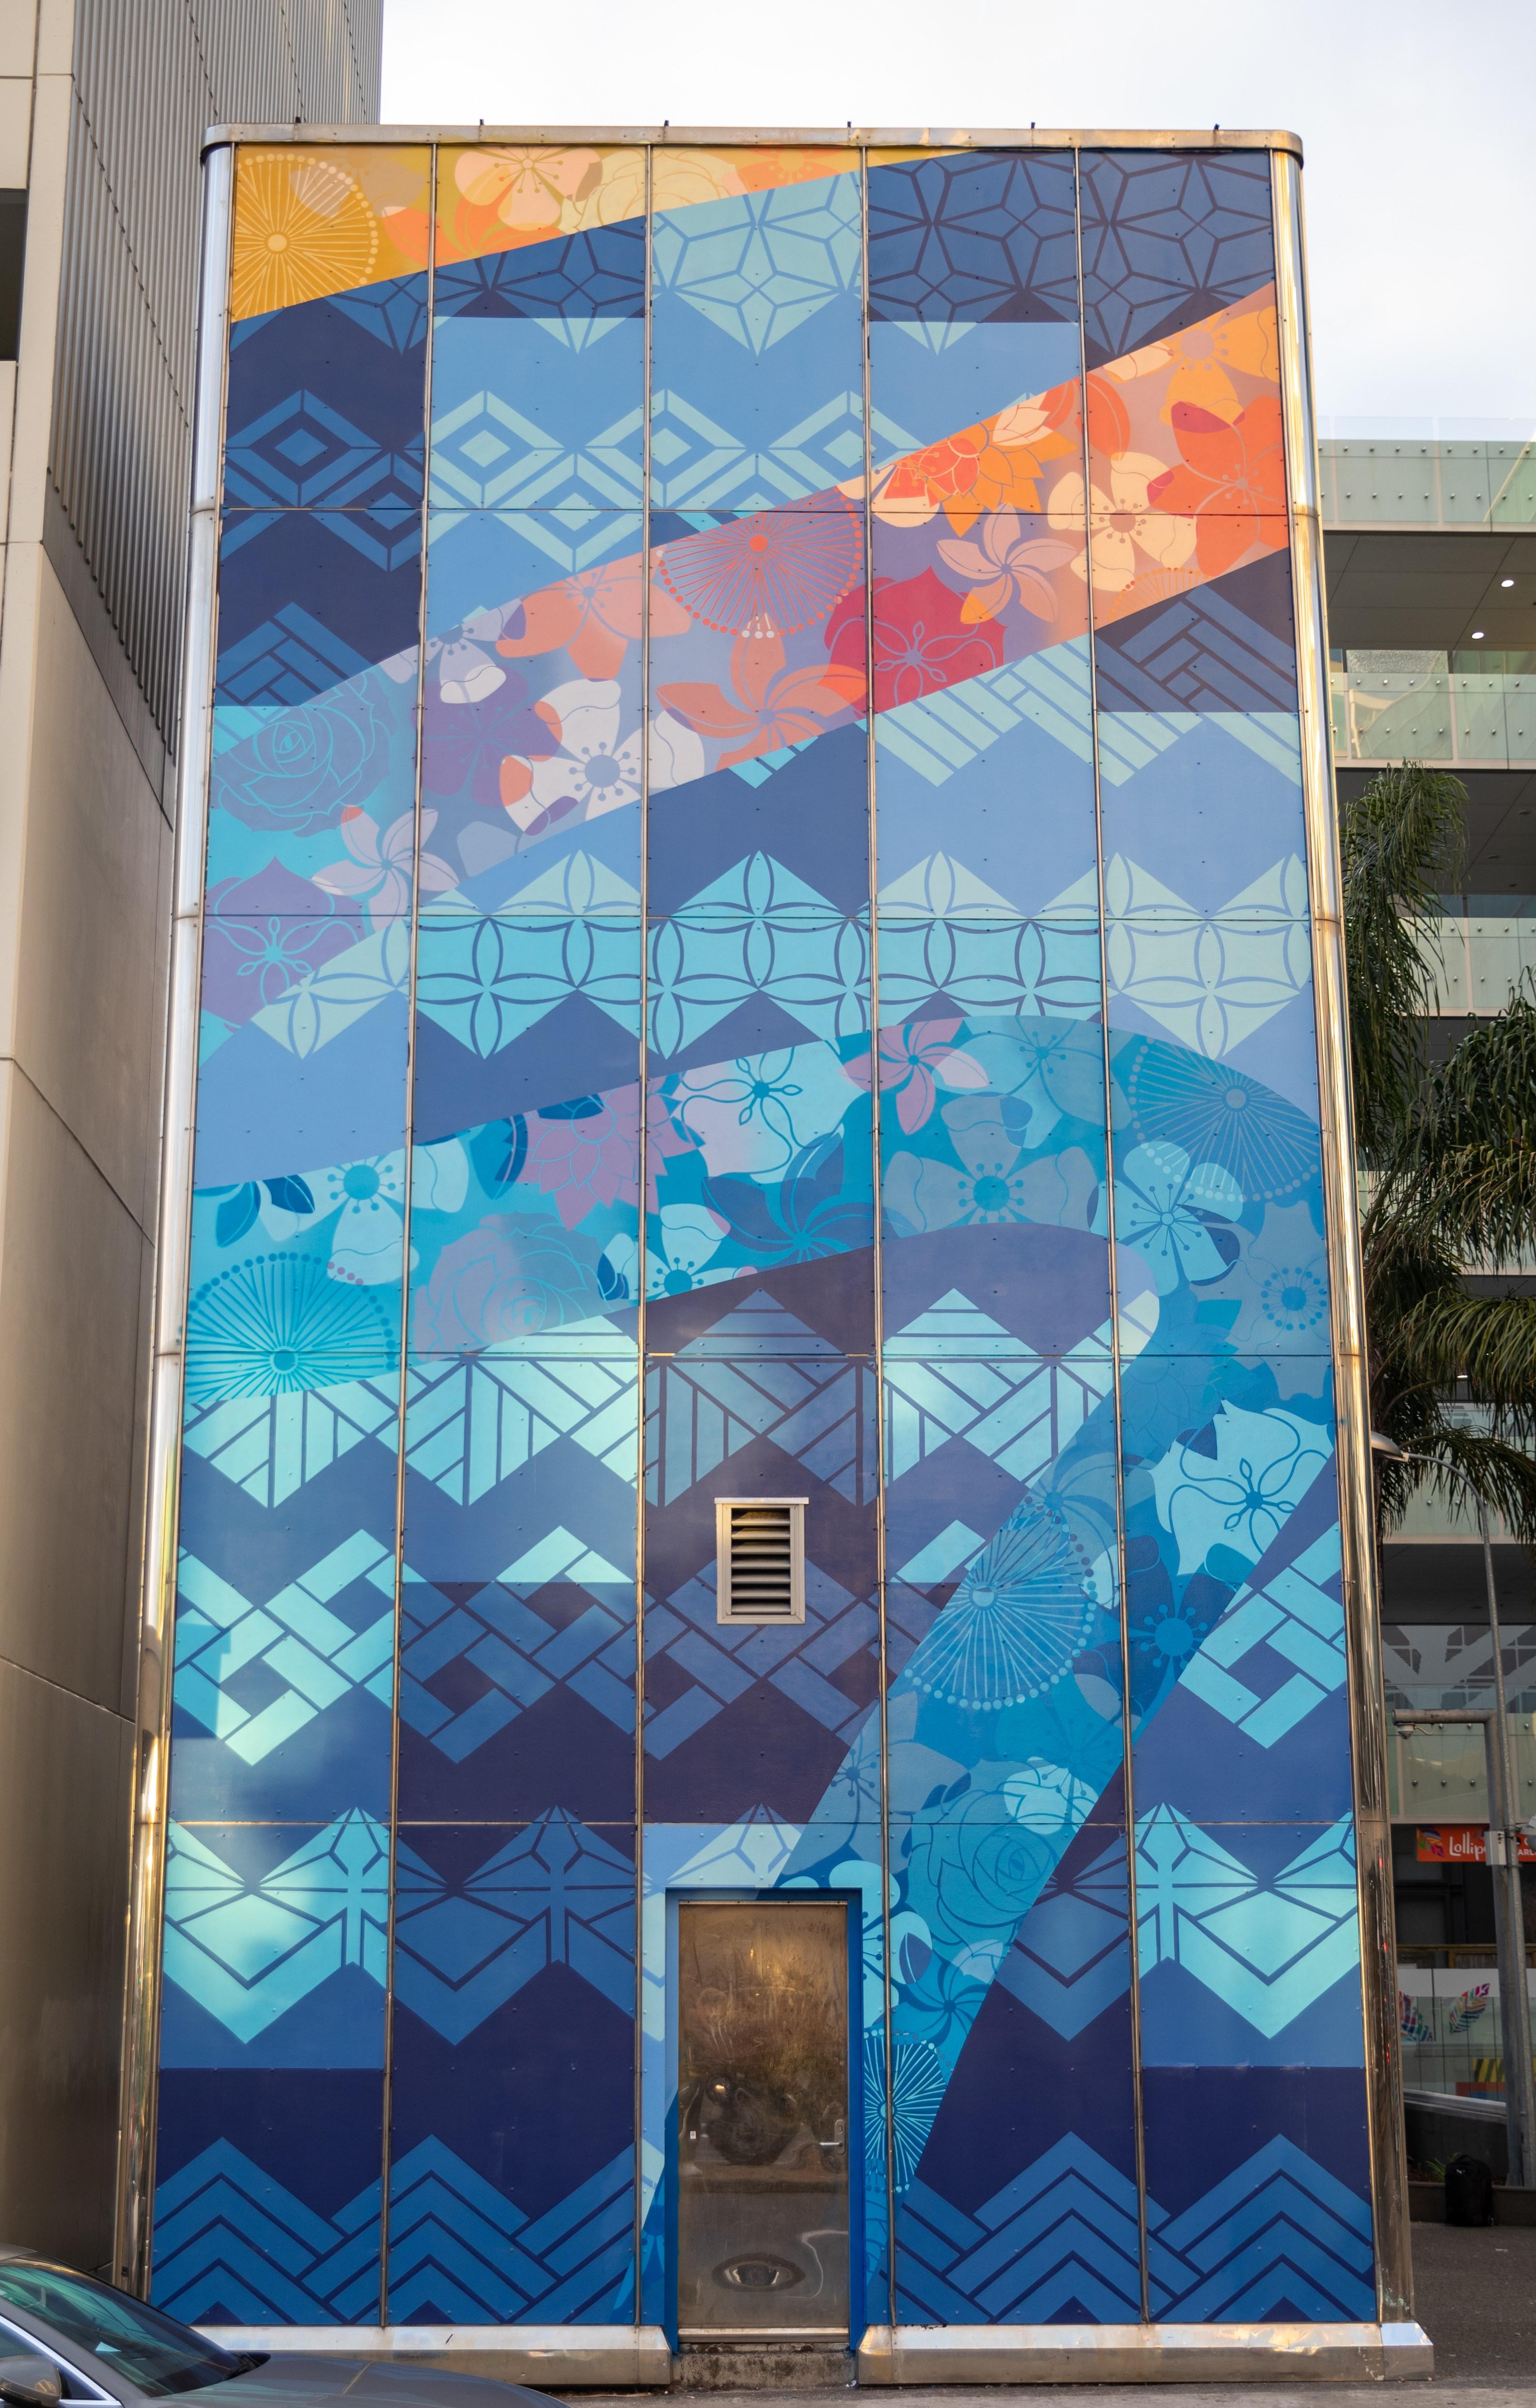 https://rfacdn.nz/corporate/assets/media/study-auckland-mural-2.jpg